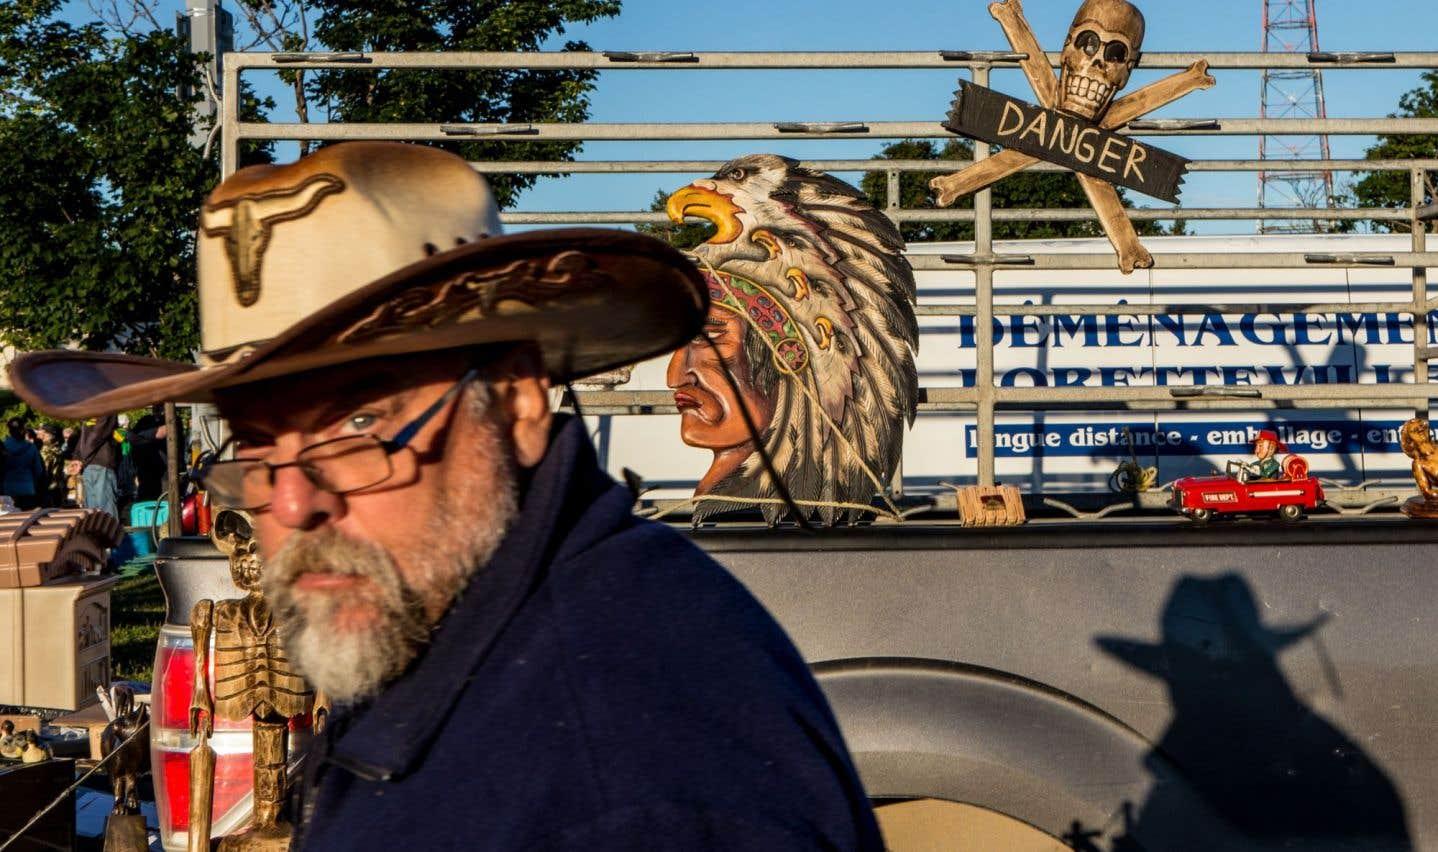 Acheteur potentiel près du camion de Mario Villeneuve